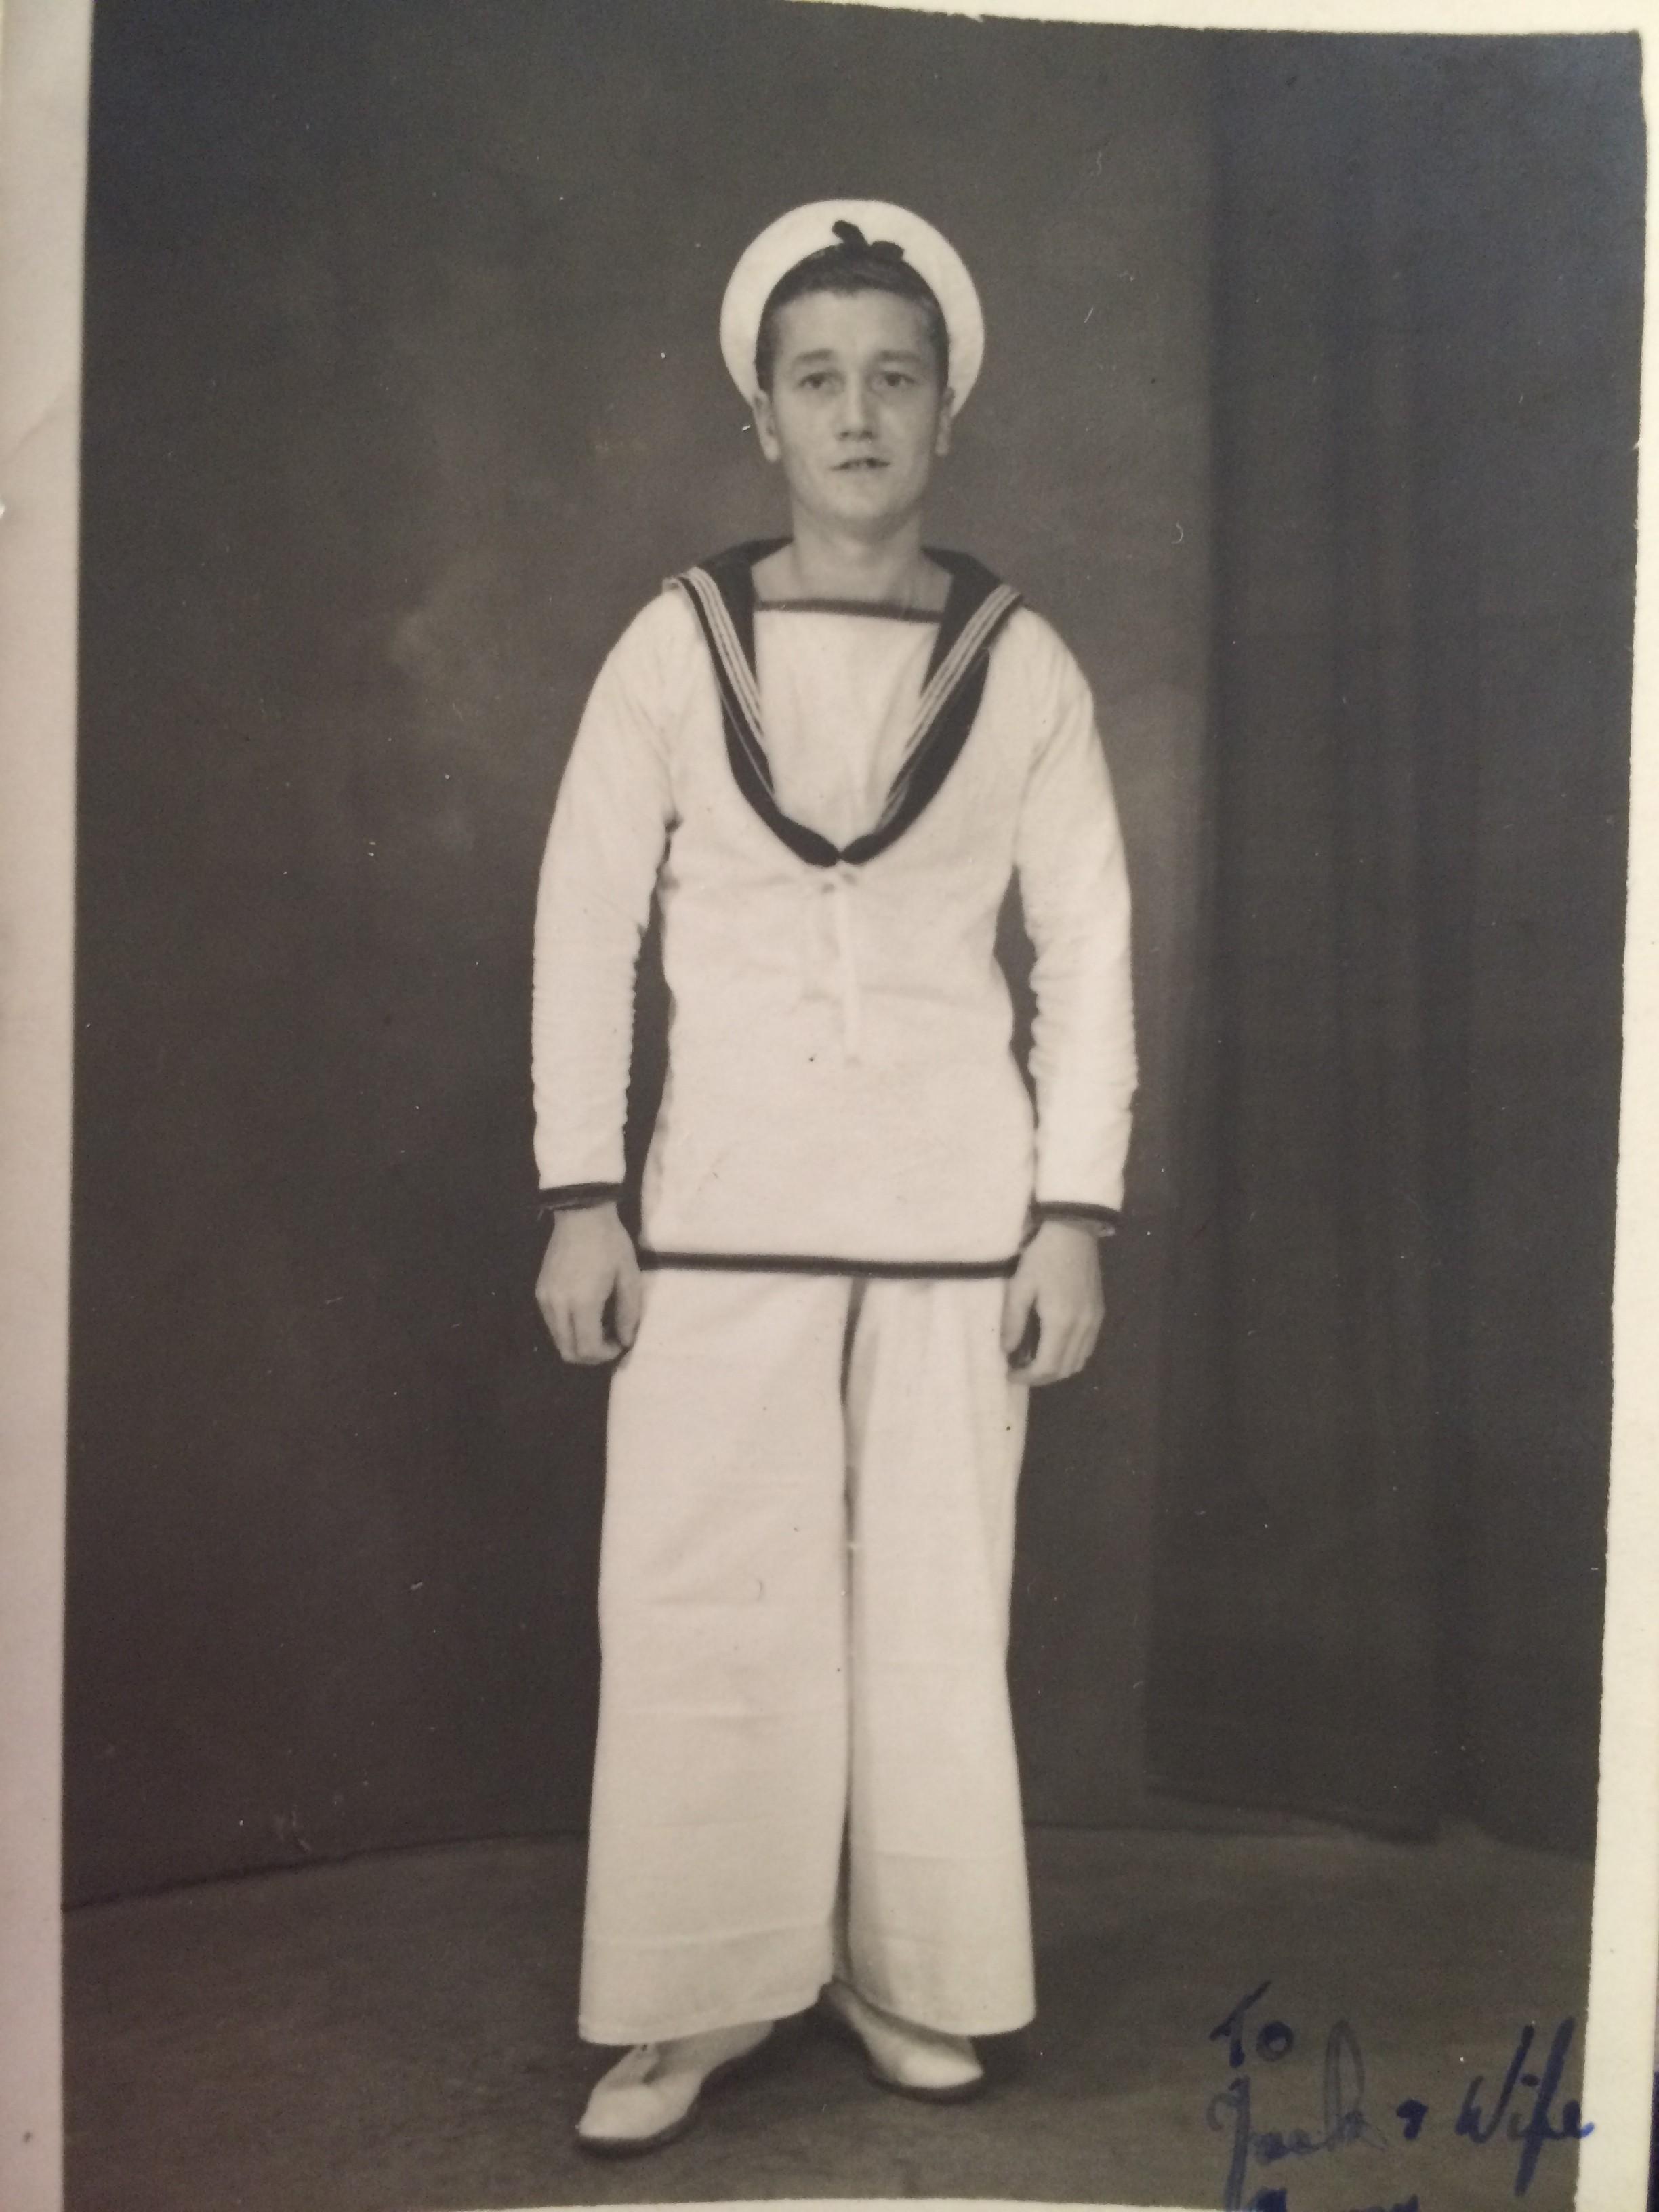 Steve's grandad John.